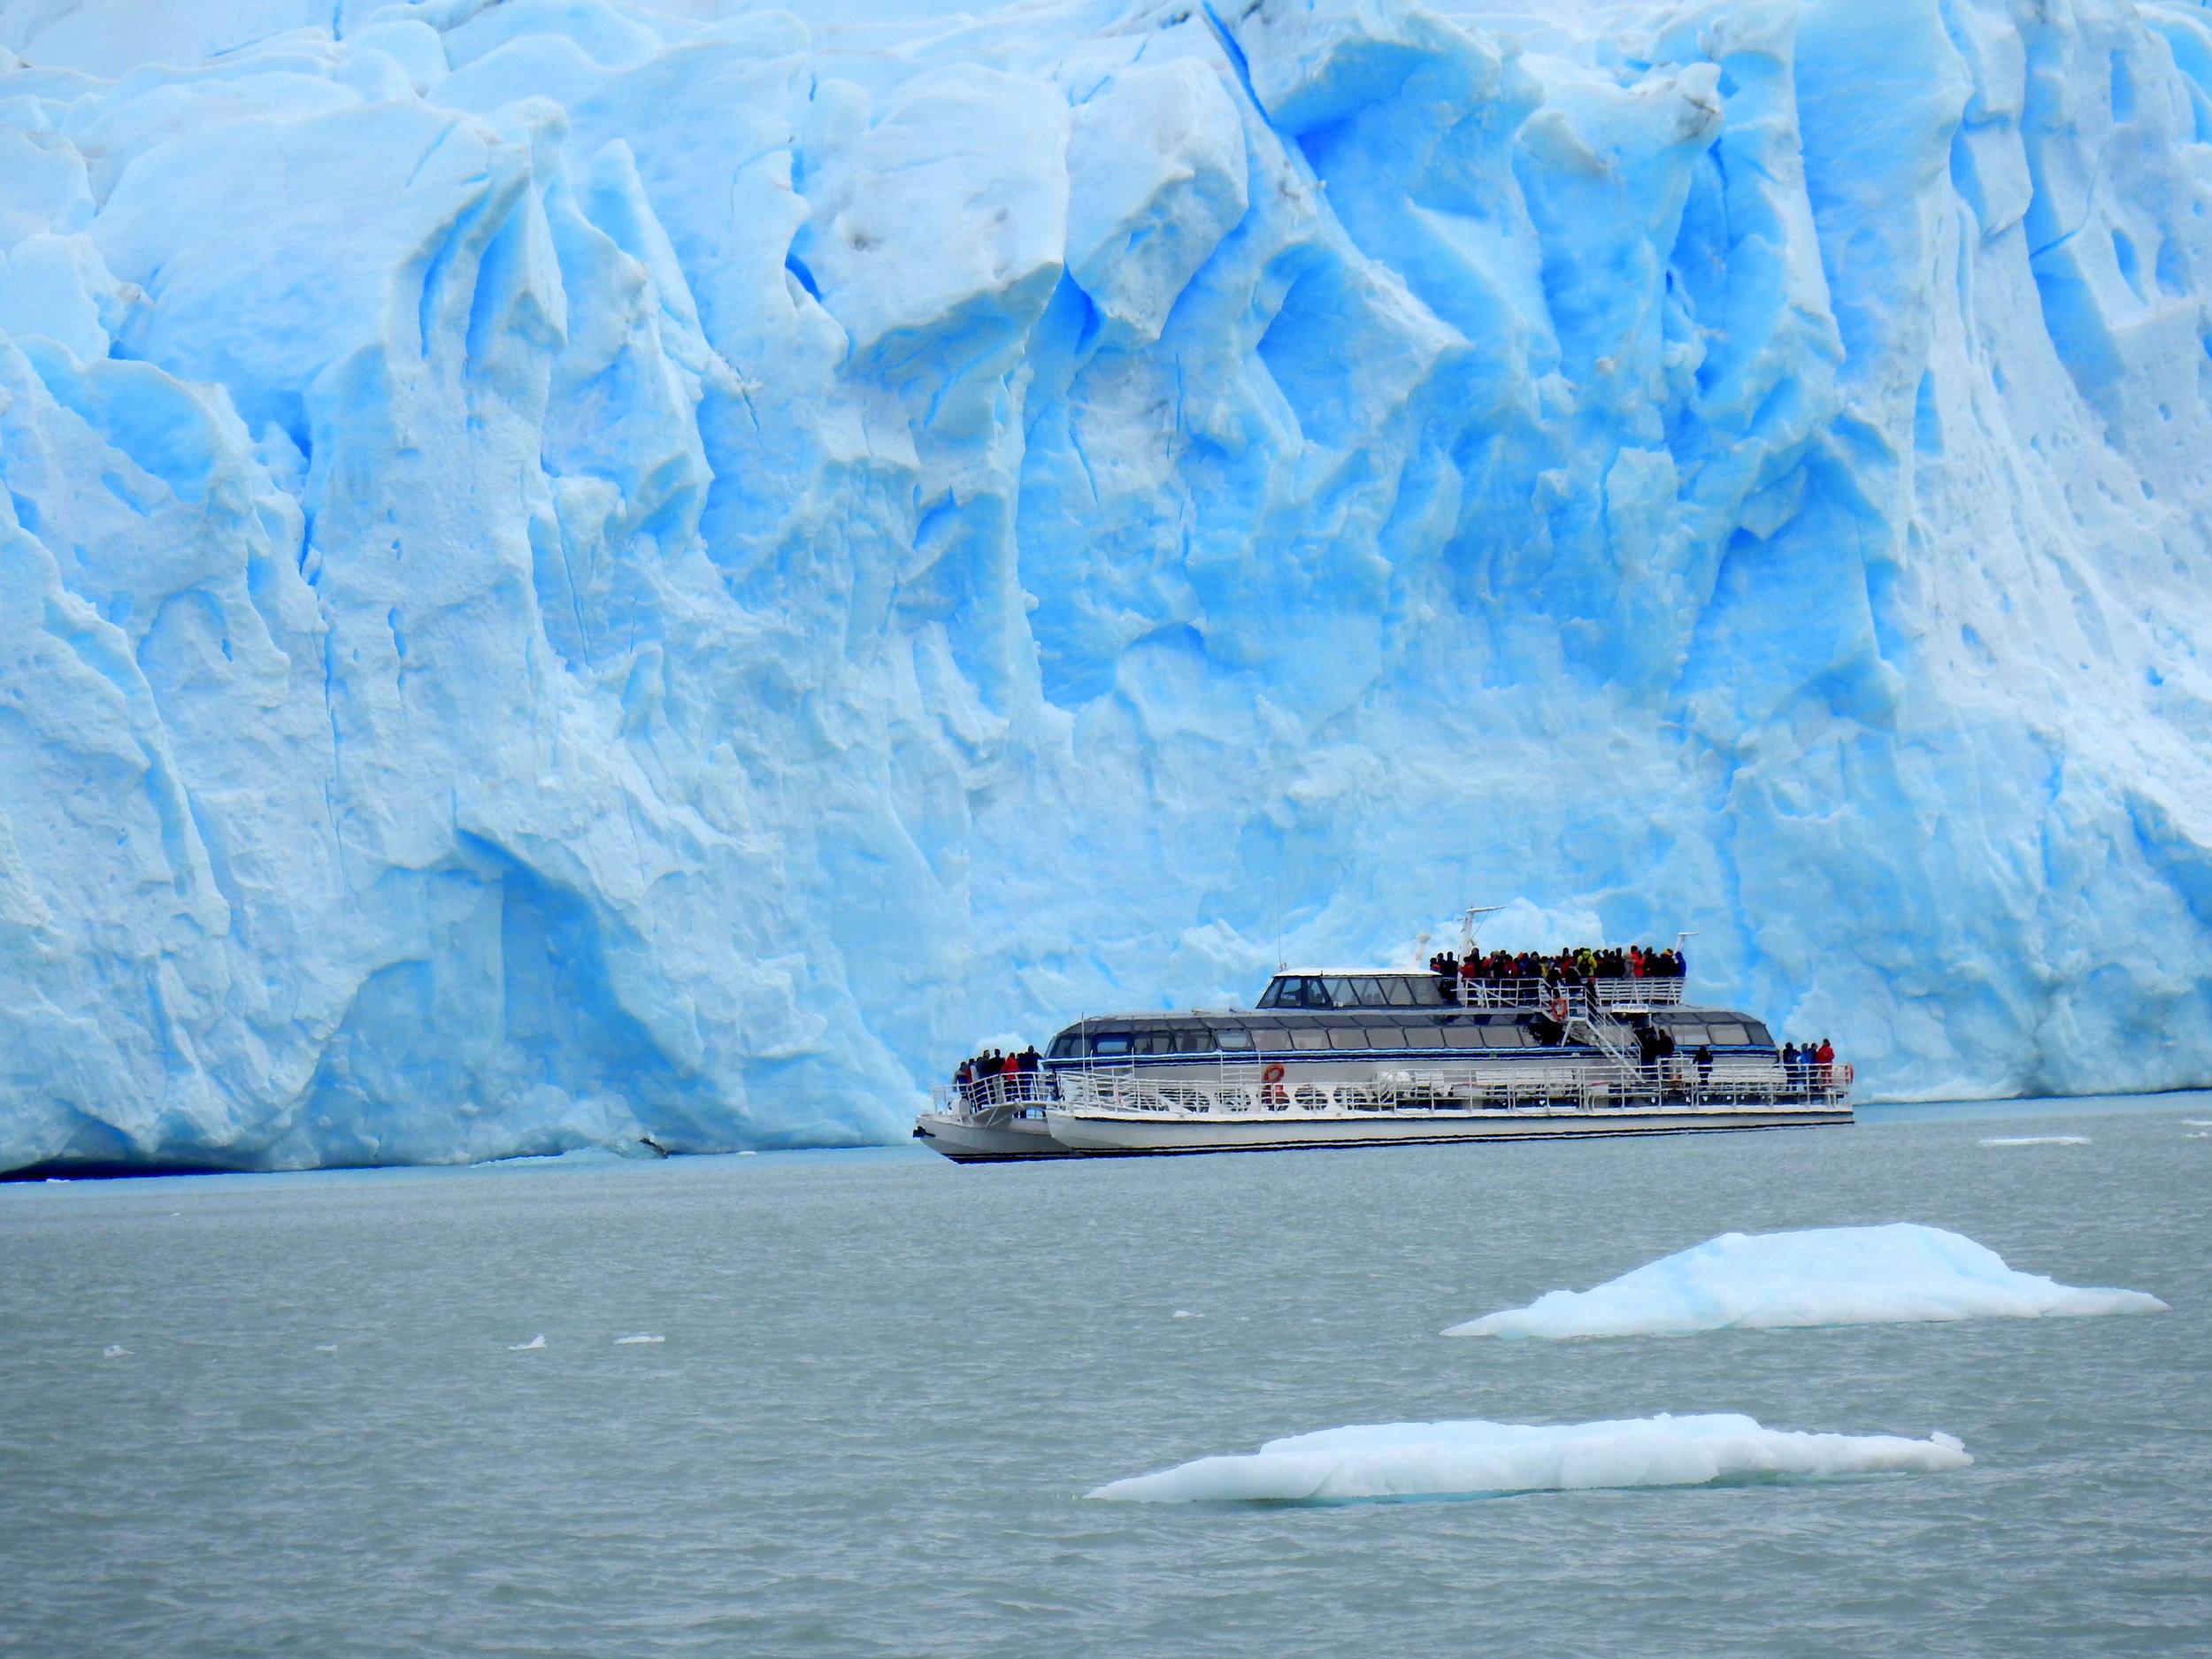 Even this boat is dwarfed by the magnificent Perito Moreno Glacier